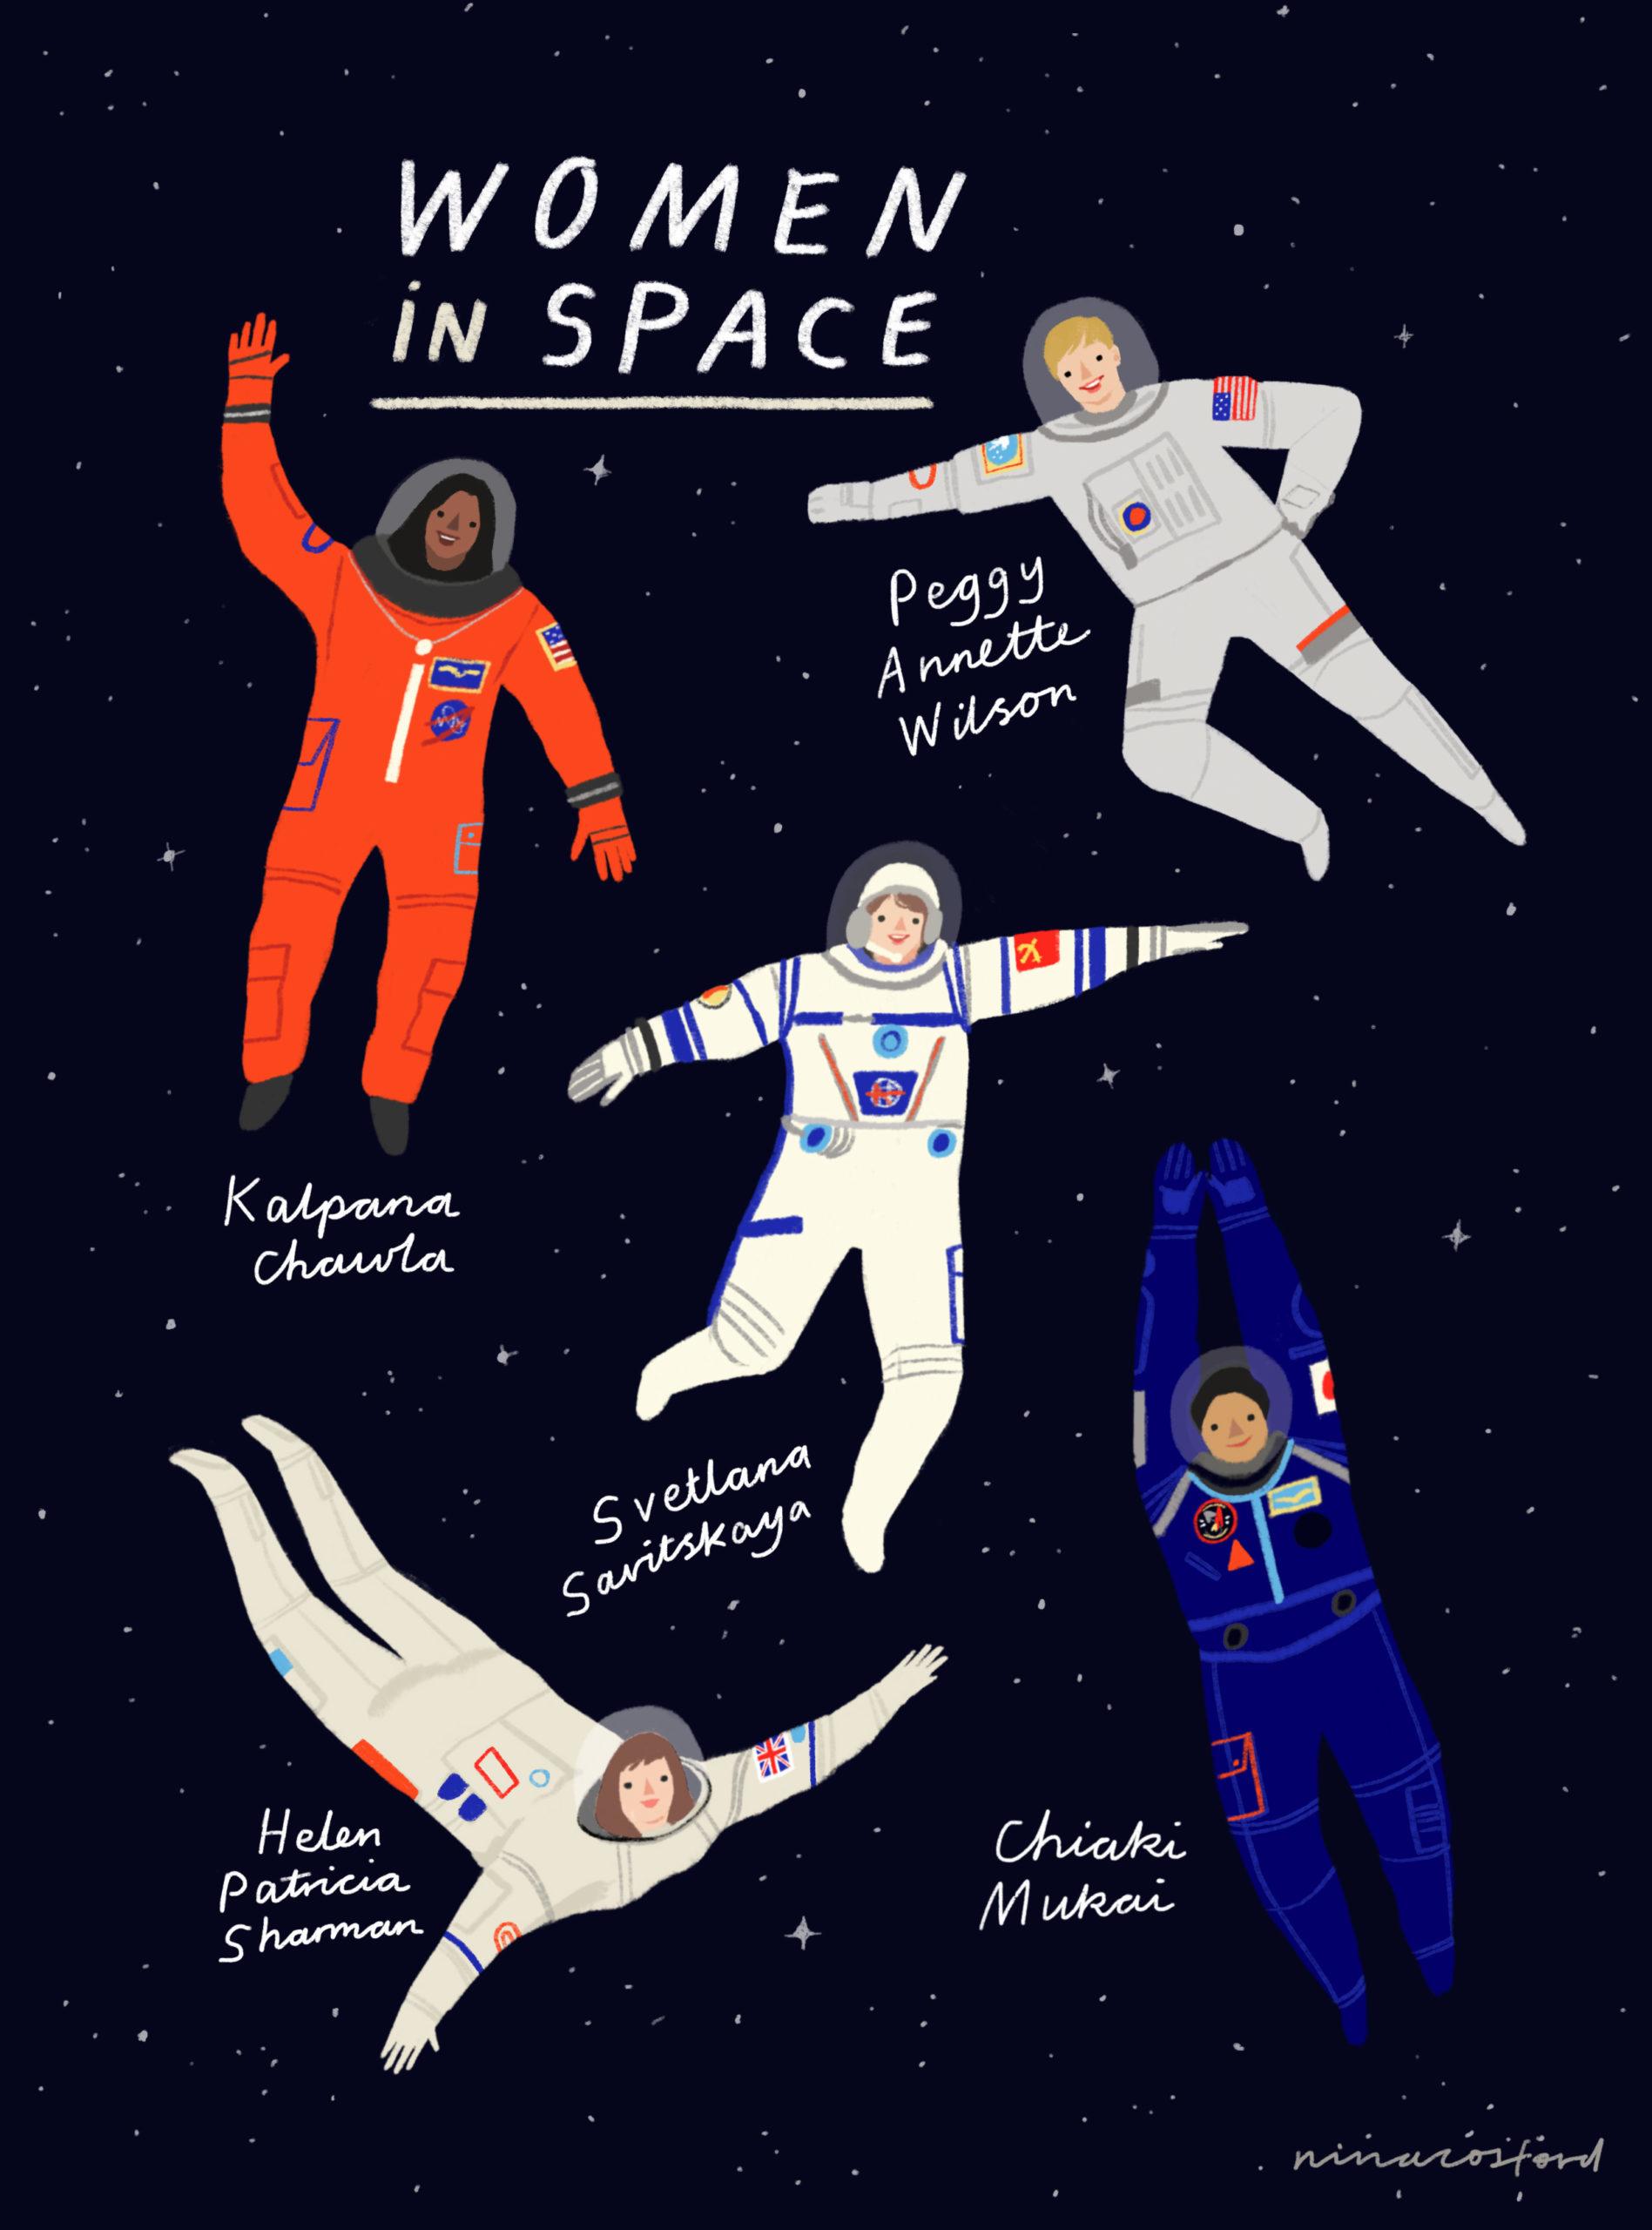 WOMEN IN SPACE_1